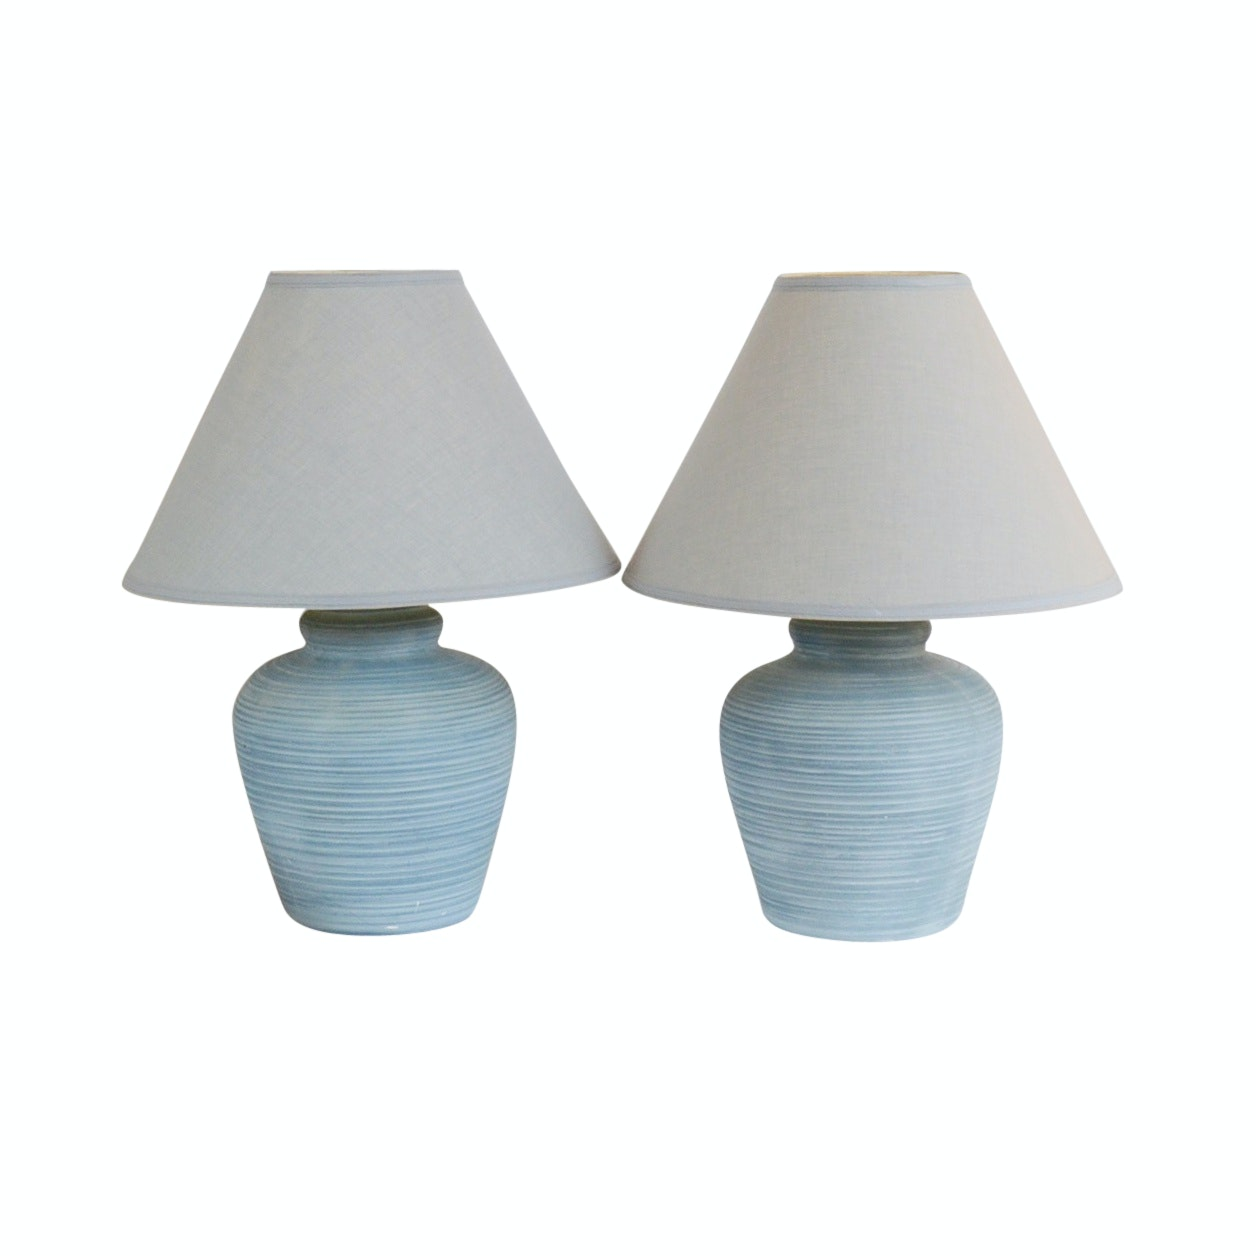 Pair of Elite '88 Ceramic Lamps